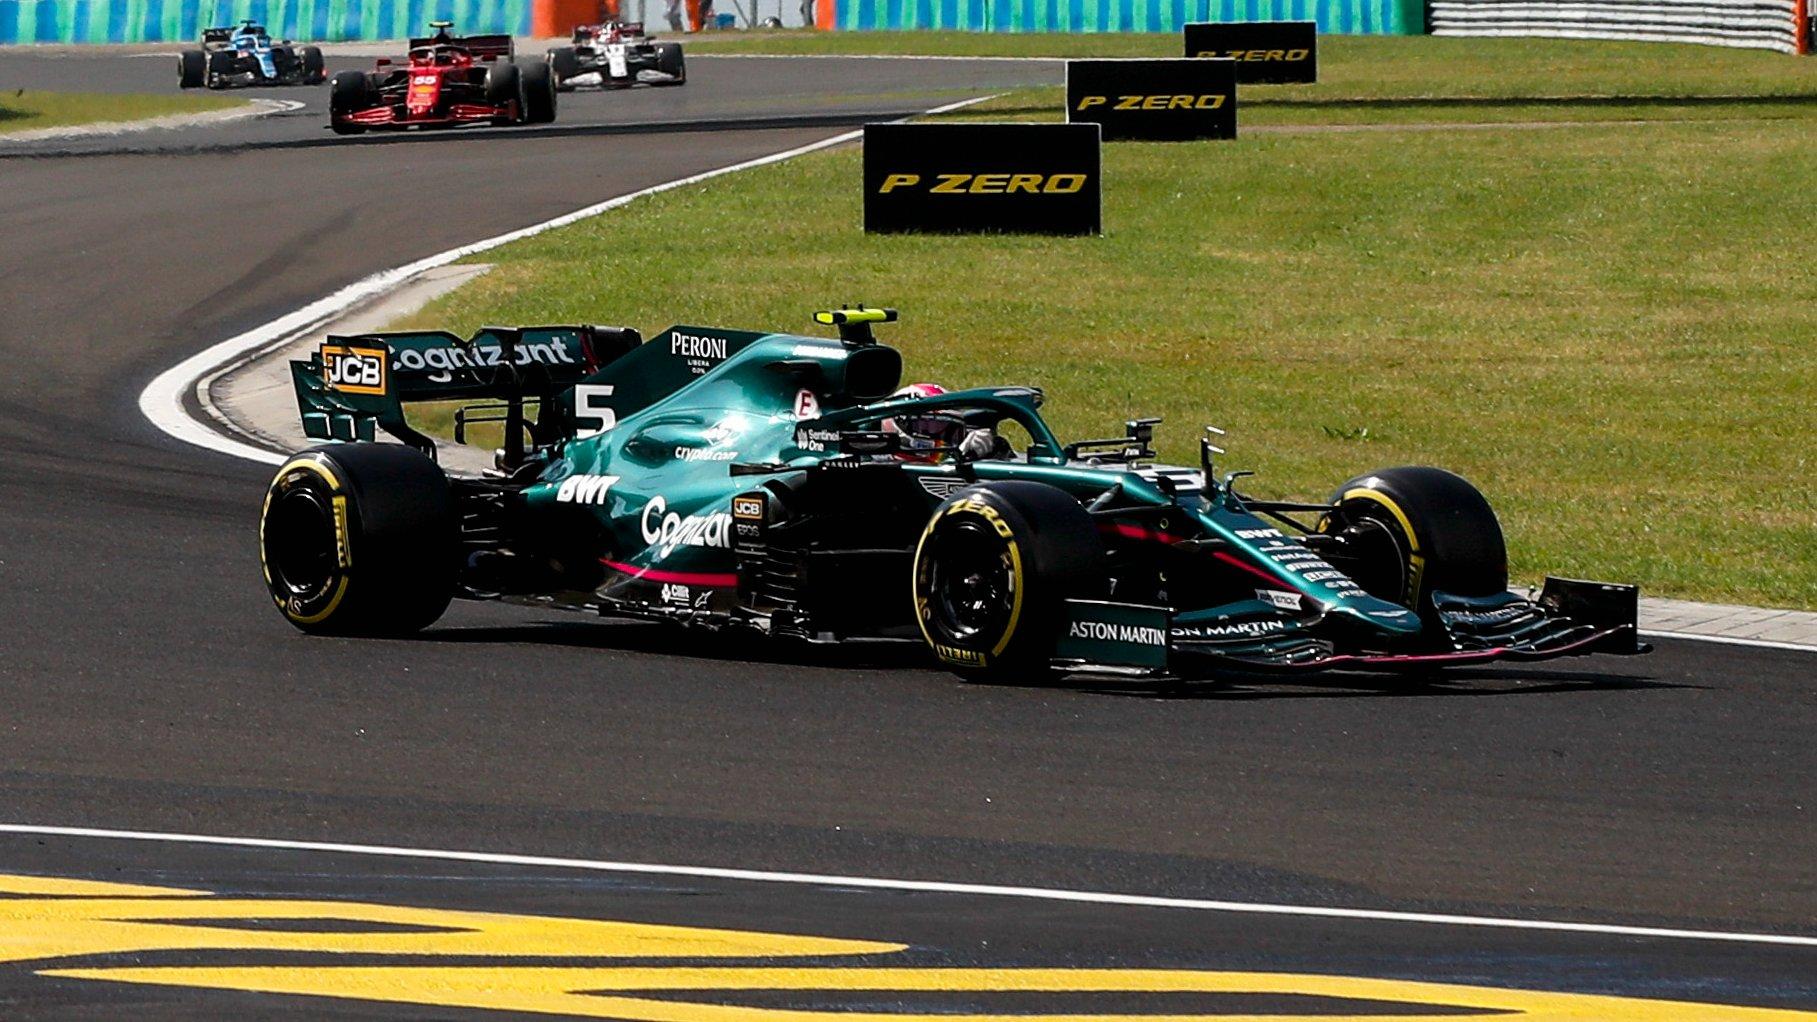 Gli Stewards hanno respinto la richiesta di revisione dell'Aston Martin contro la squalifica di Vettel in Ungheria.